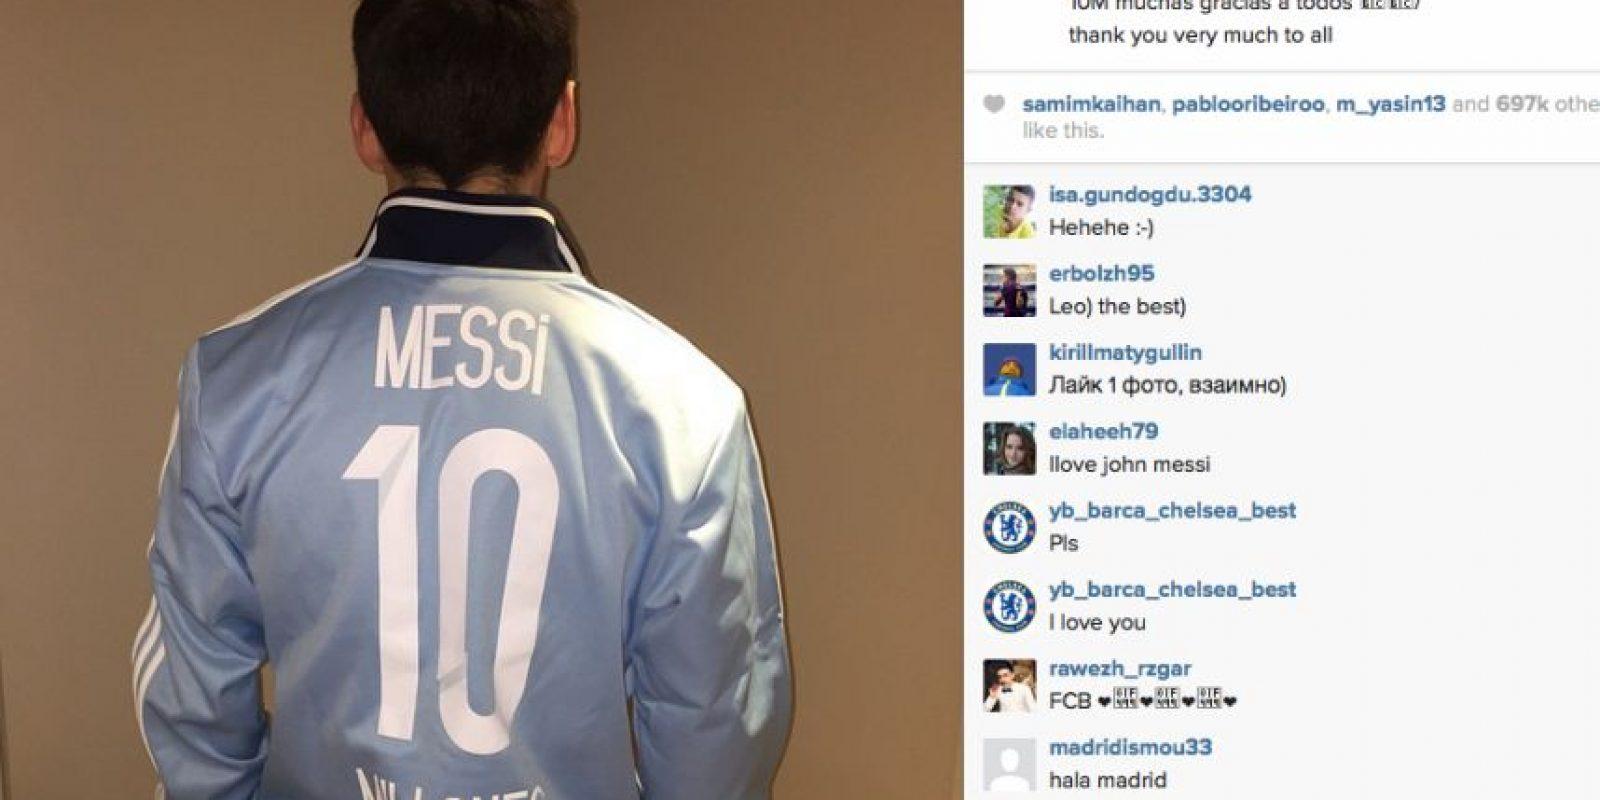 El argentino pasa por un gran momento en la cancha y saludó a sus seguidores. Foto:Publinews